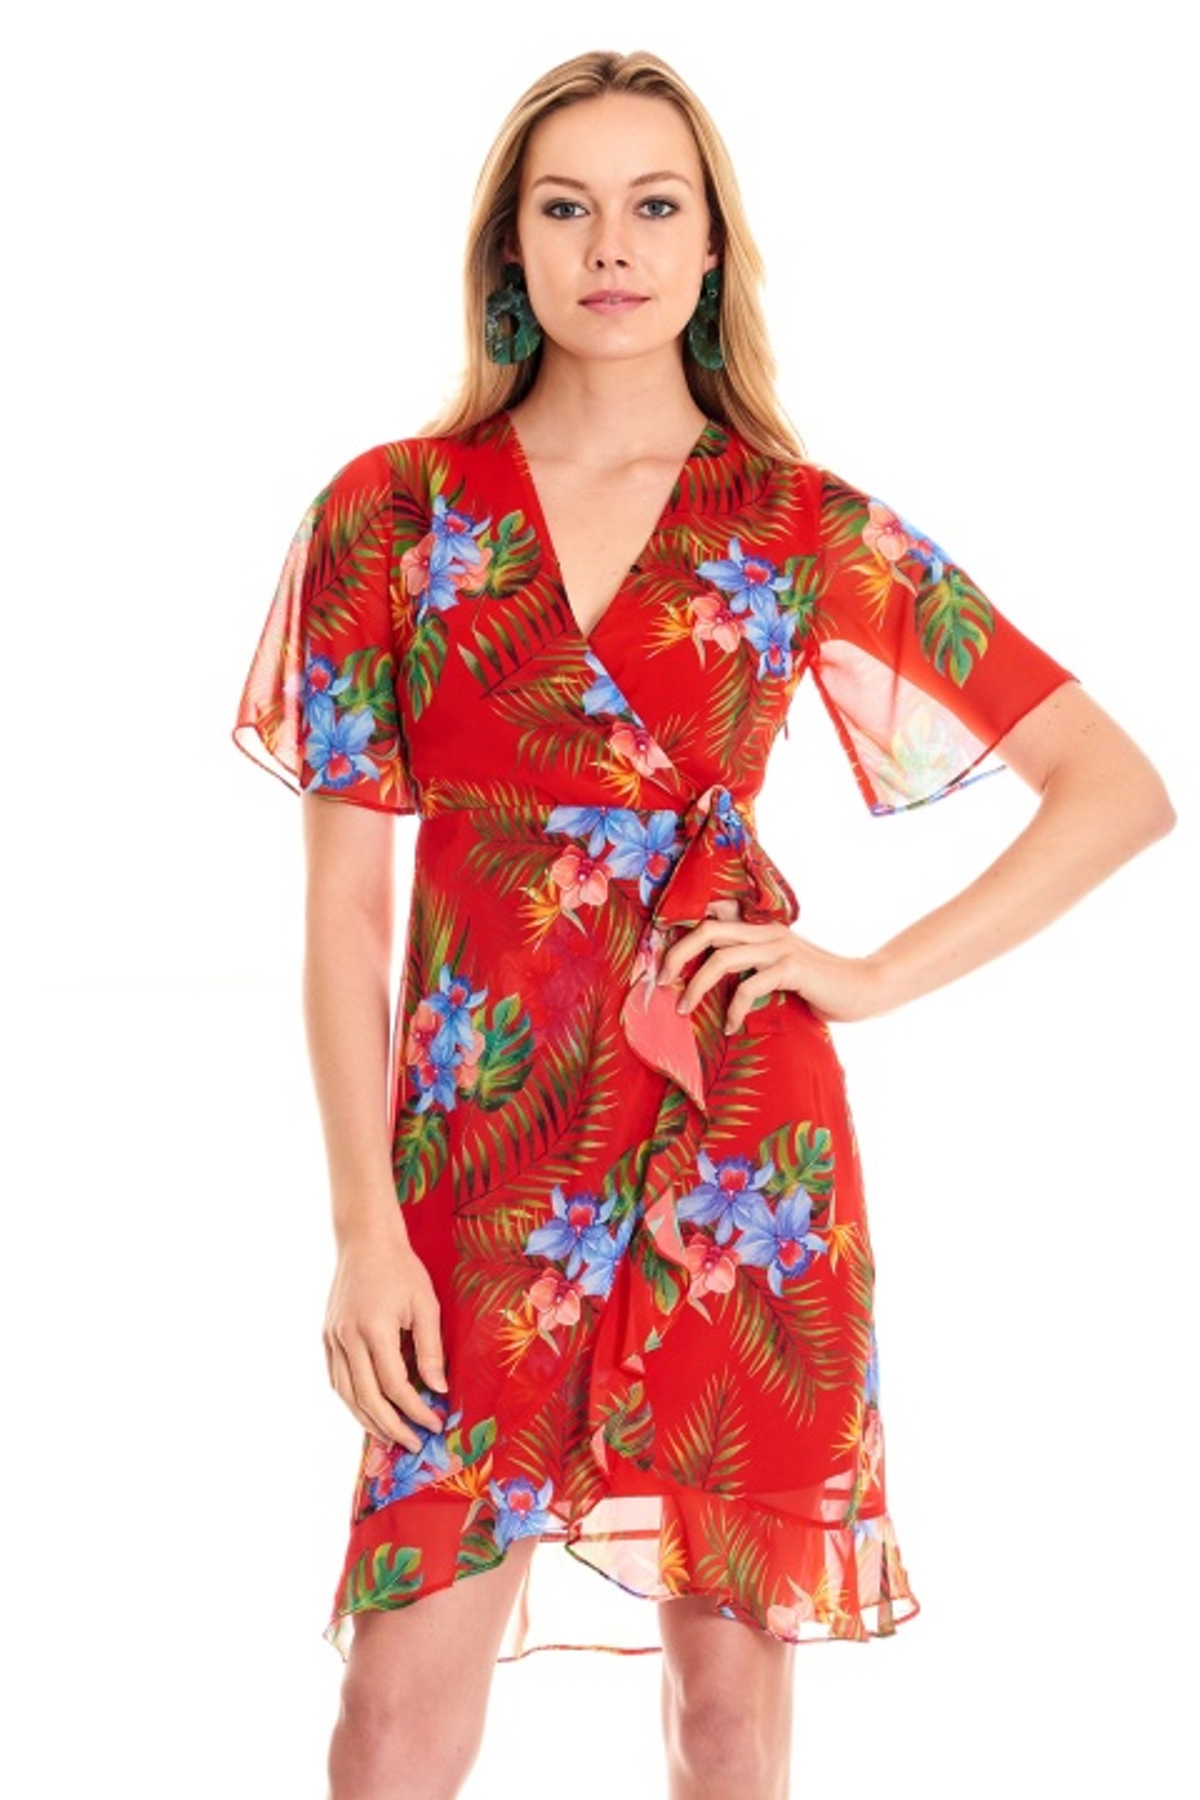 776e282271844 Mi Kolu Fırfırlı Elbise Mi Kolu Fırfırlı Elbise